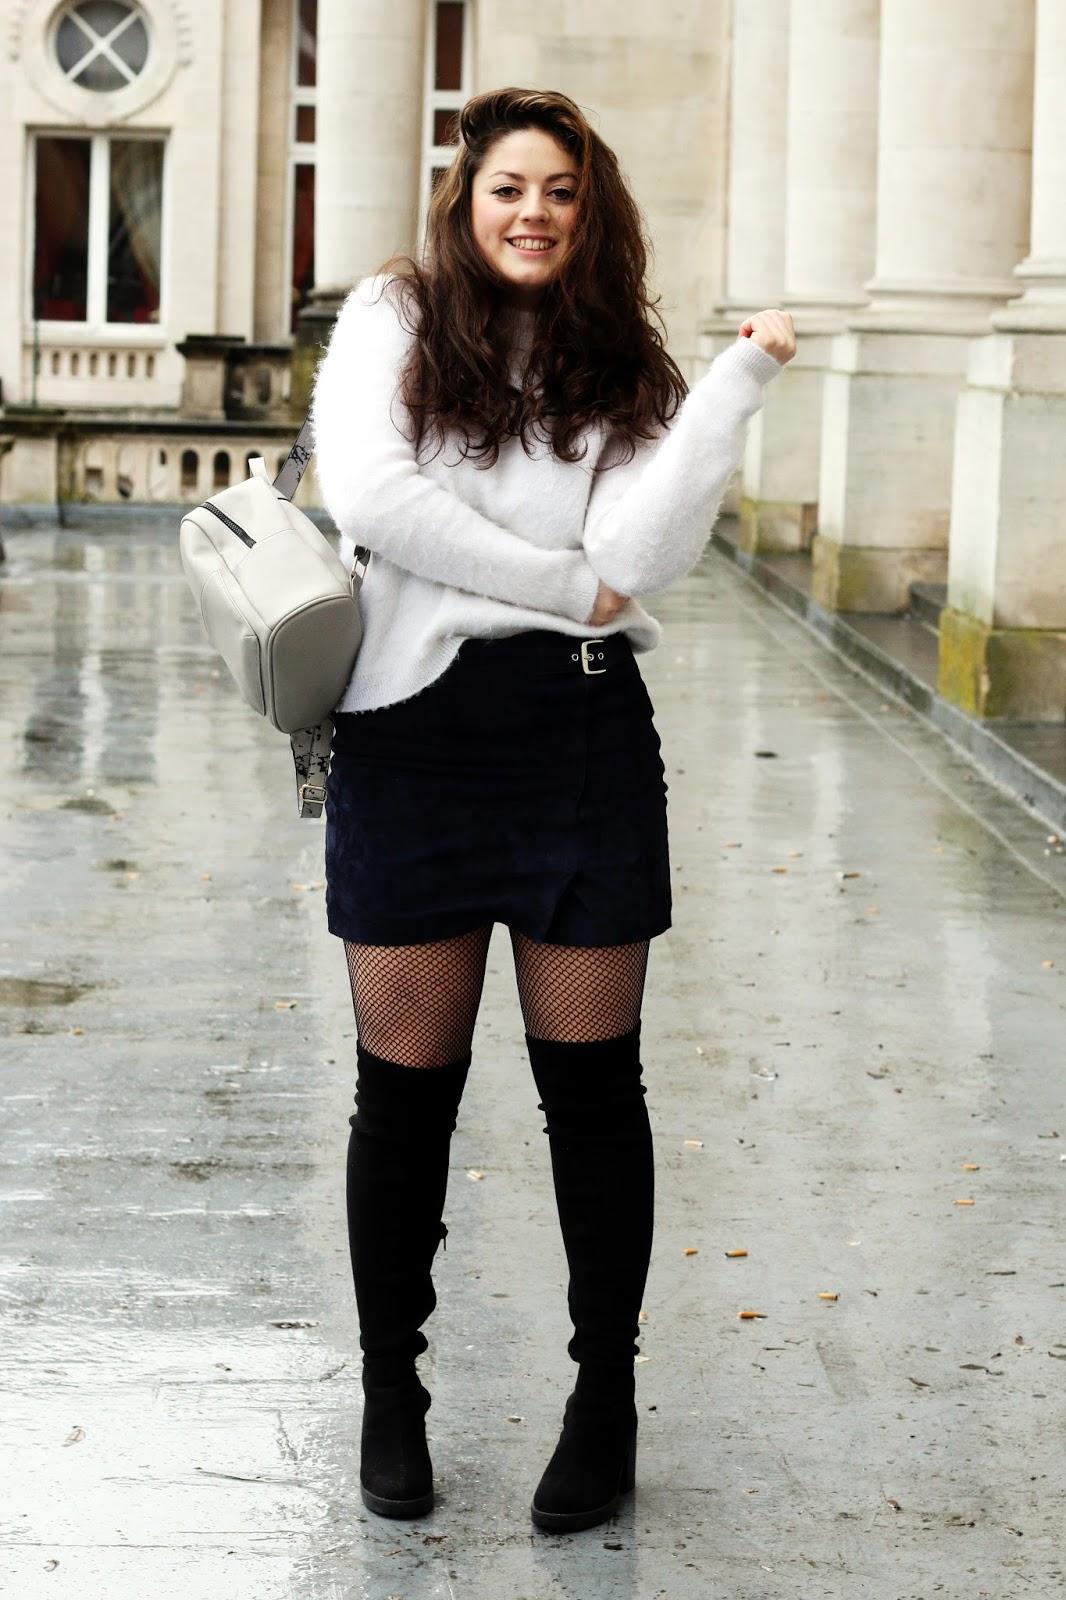 jupe mangooutlet bas résille belgique liège blogueuse